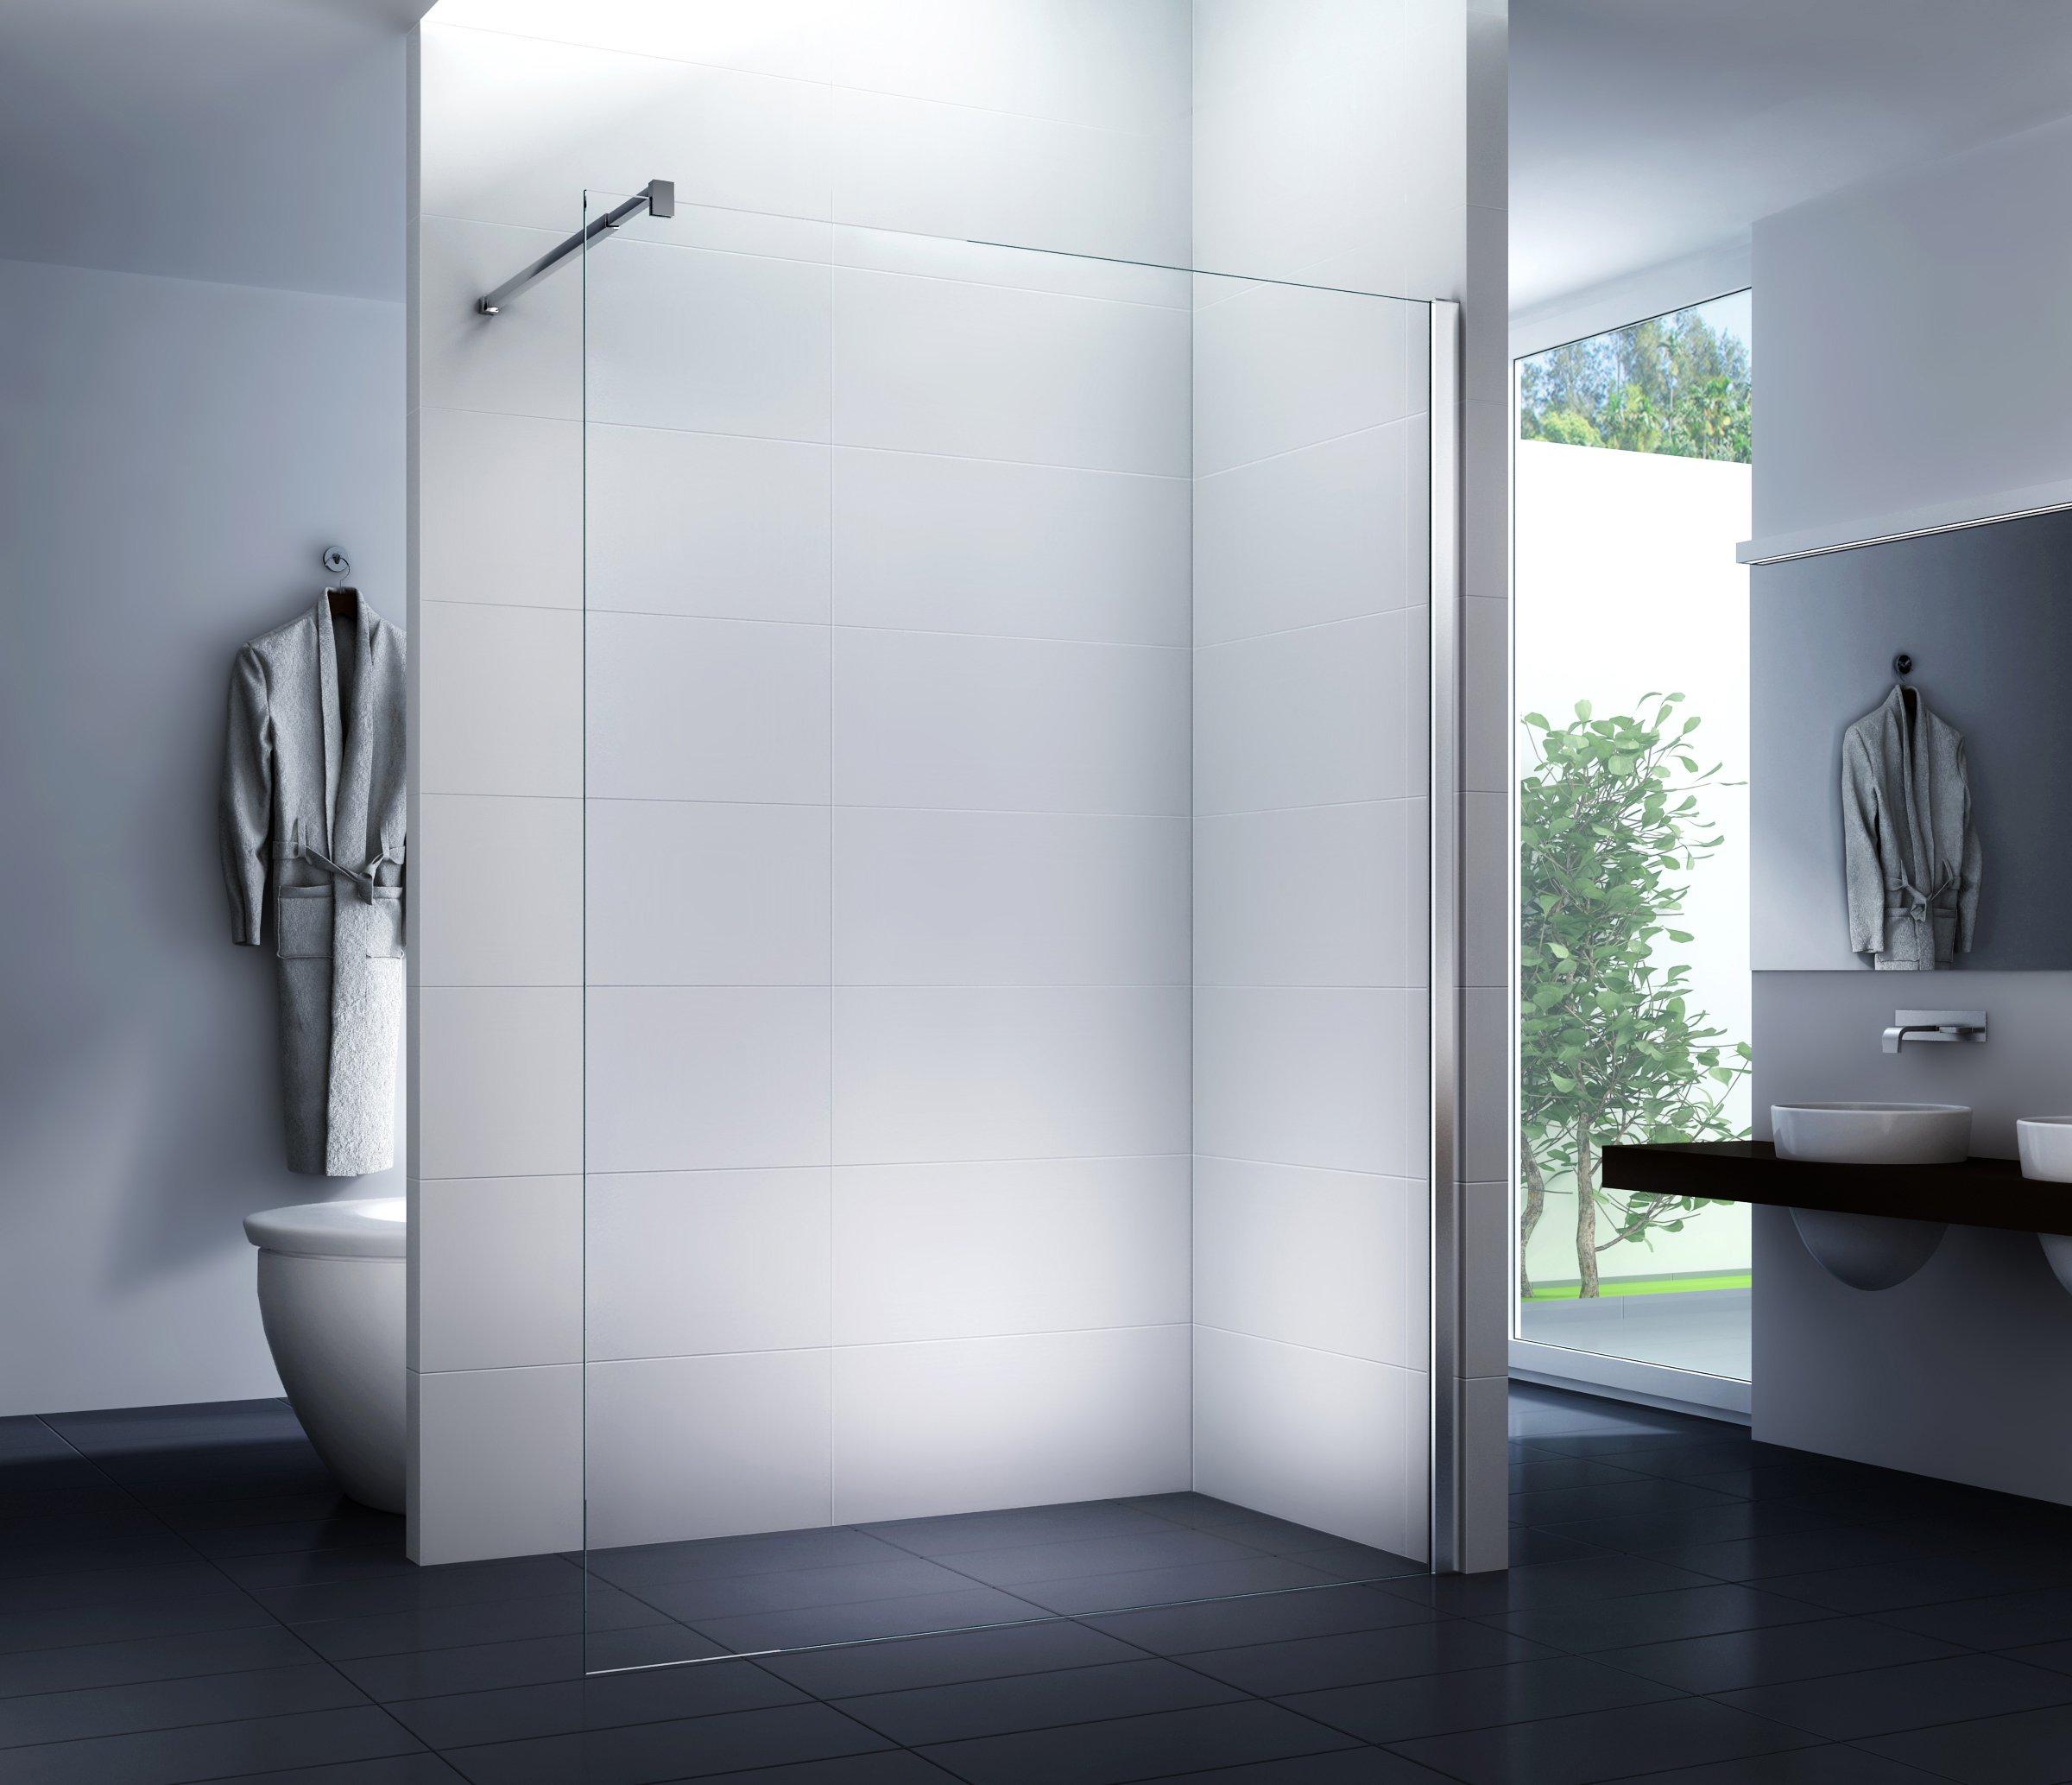 Mampara de ducha 130 x 200 cm Walk-In Cabina de ducha Ducha 10 mm ...